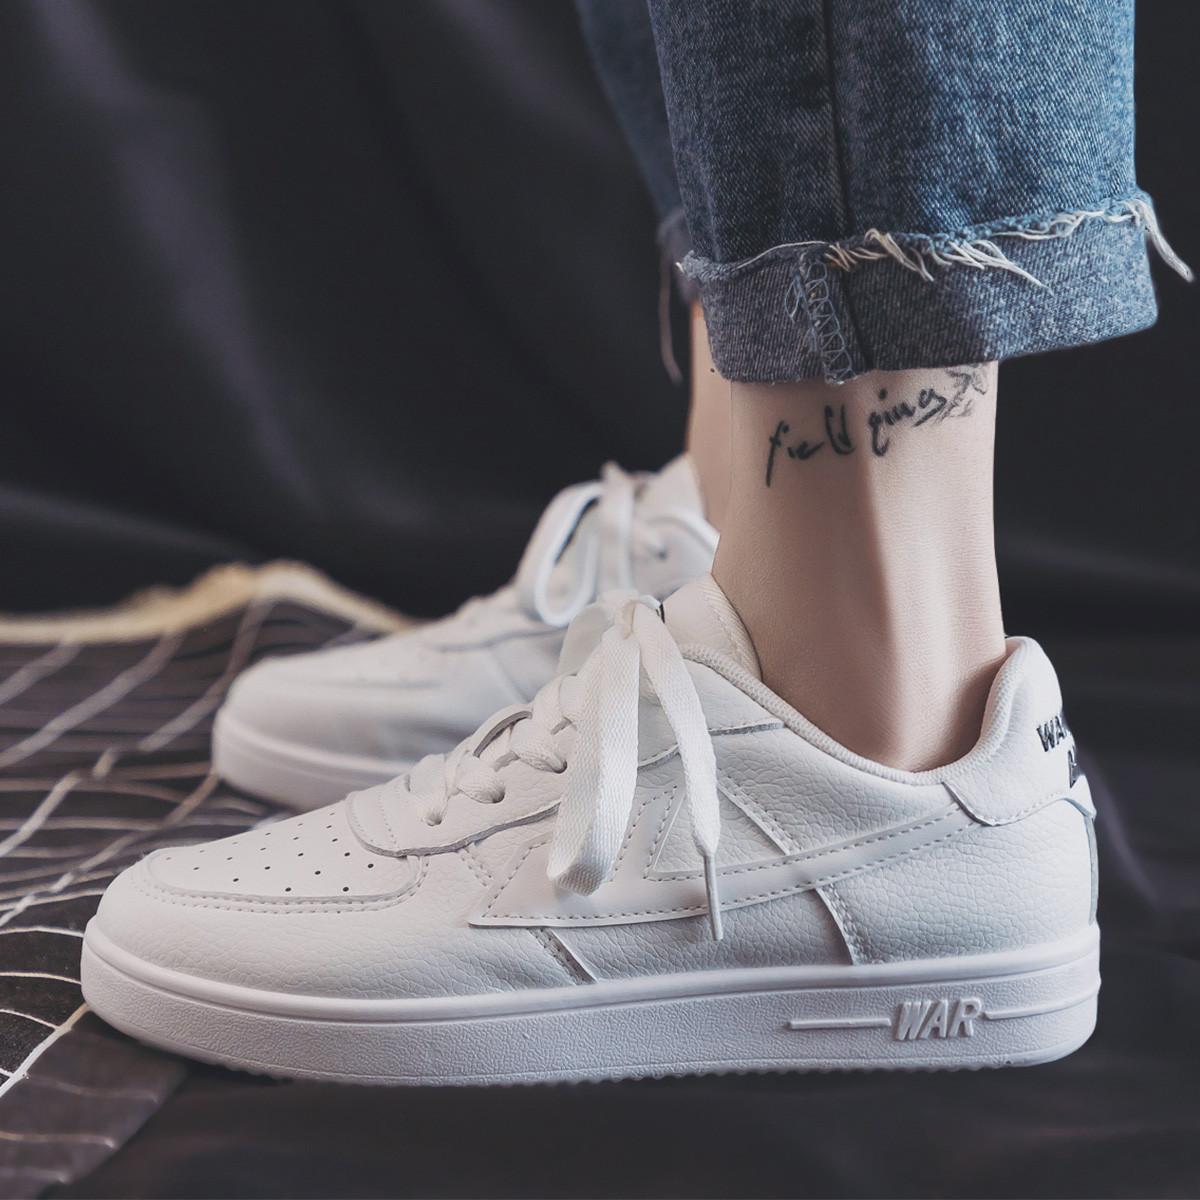 【乘风破浪的姐姐推荐款】舒适小白鞋情侣款休闲鞋女鞋拍大一码